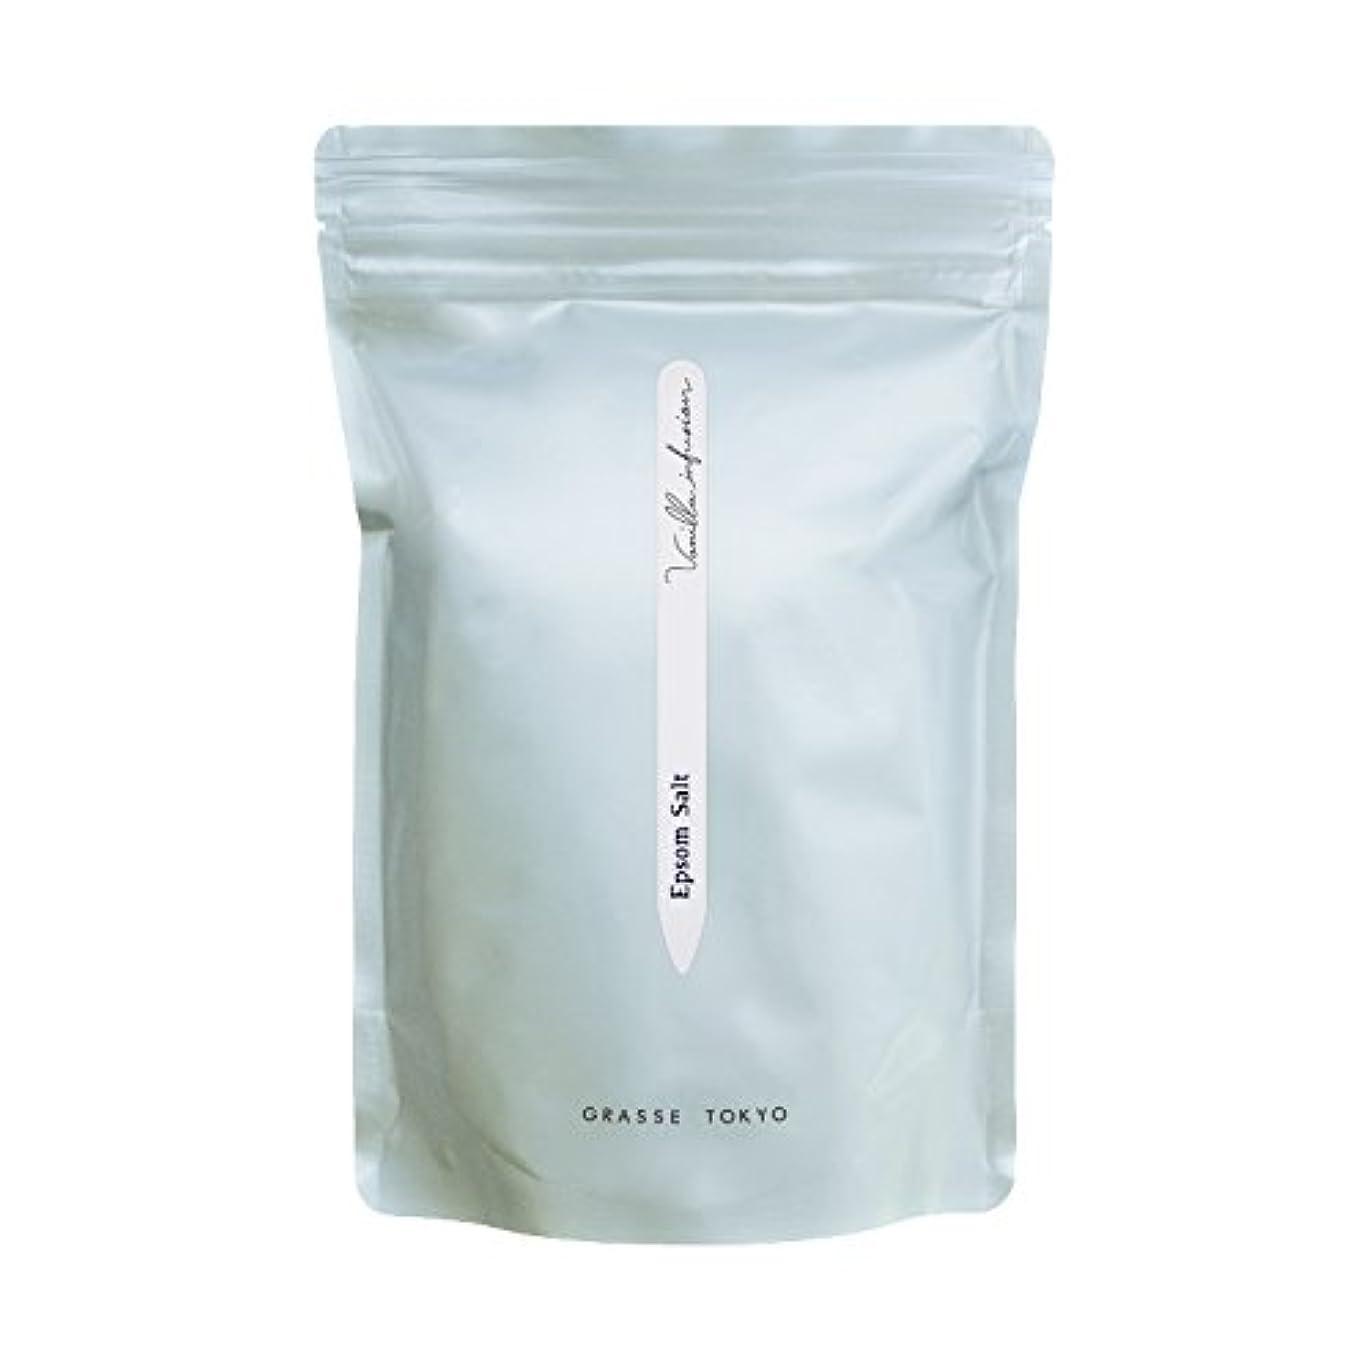 追放ラフ睡眠ムスタチオグラーストウキョウ エプソムソルト(浴用、5回分ジップ袋) Vanilla infusion 750g